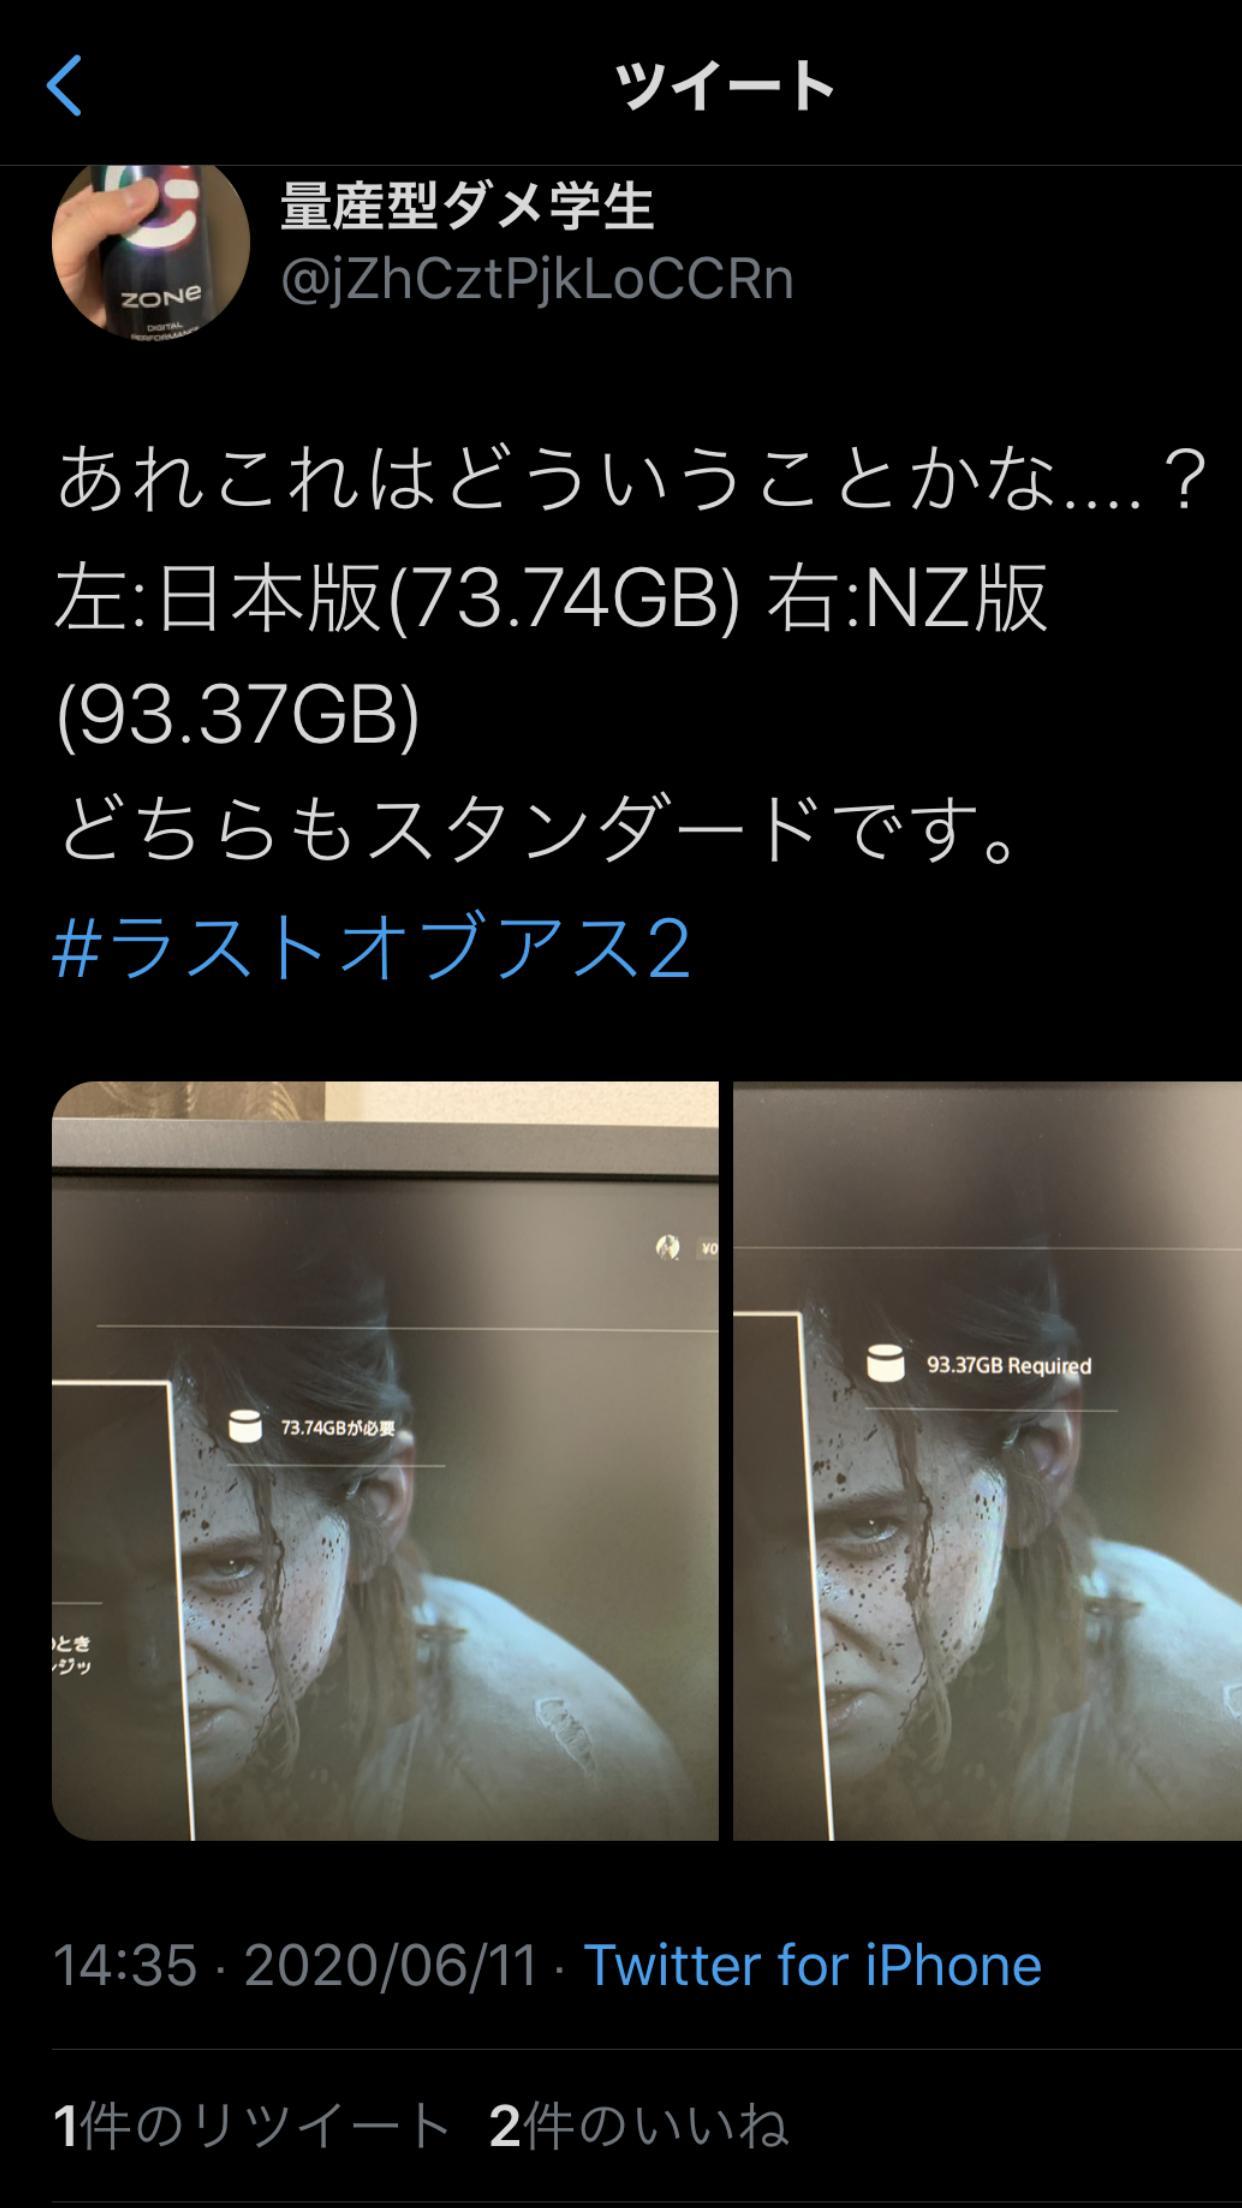 FqVciEN - 【悲報】The Last of Us Part2、なぜか日本語版だけ容量が20ギガバイト少ない…